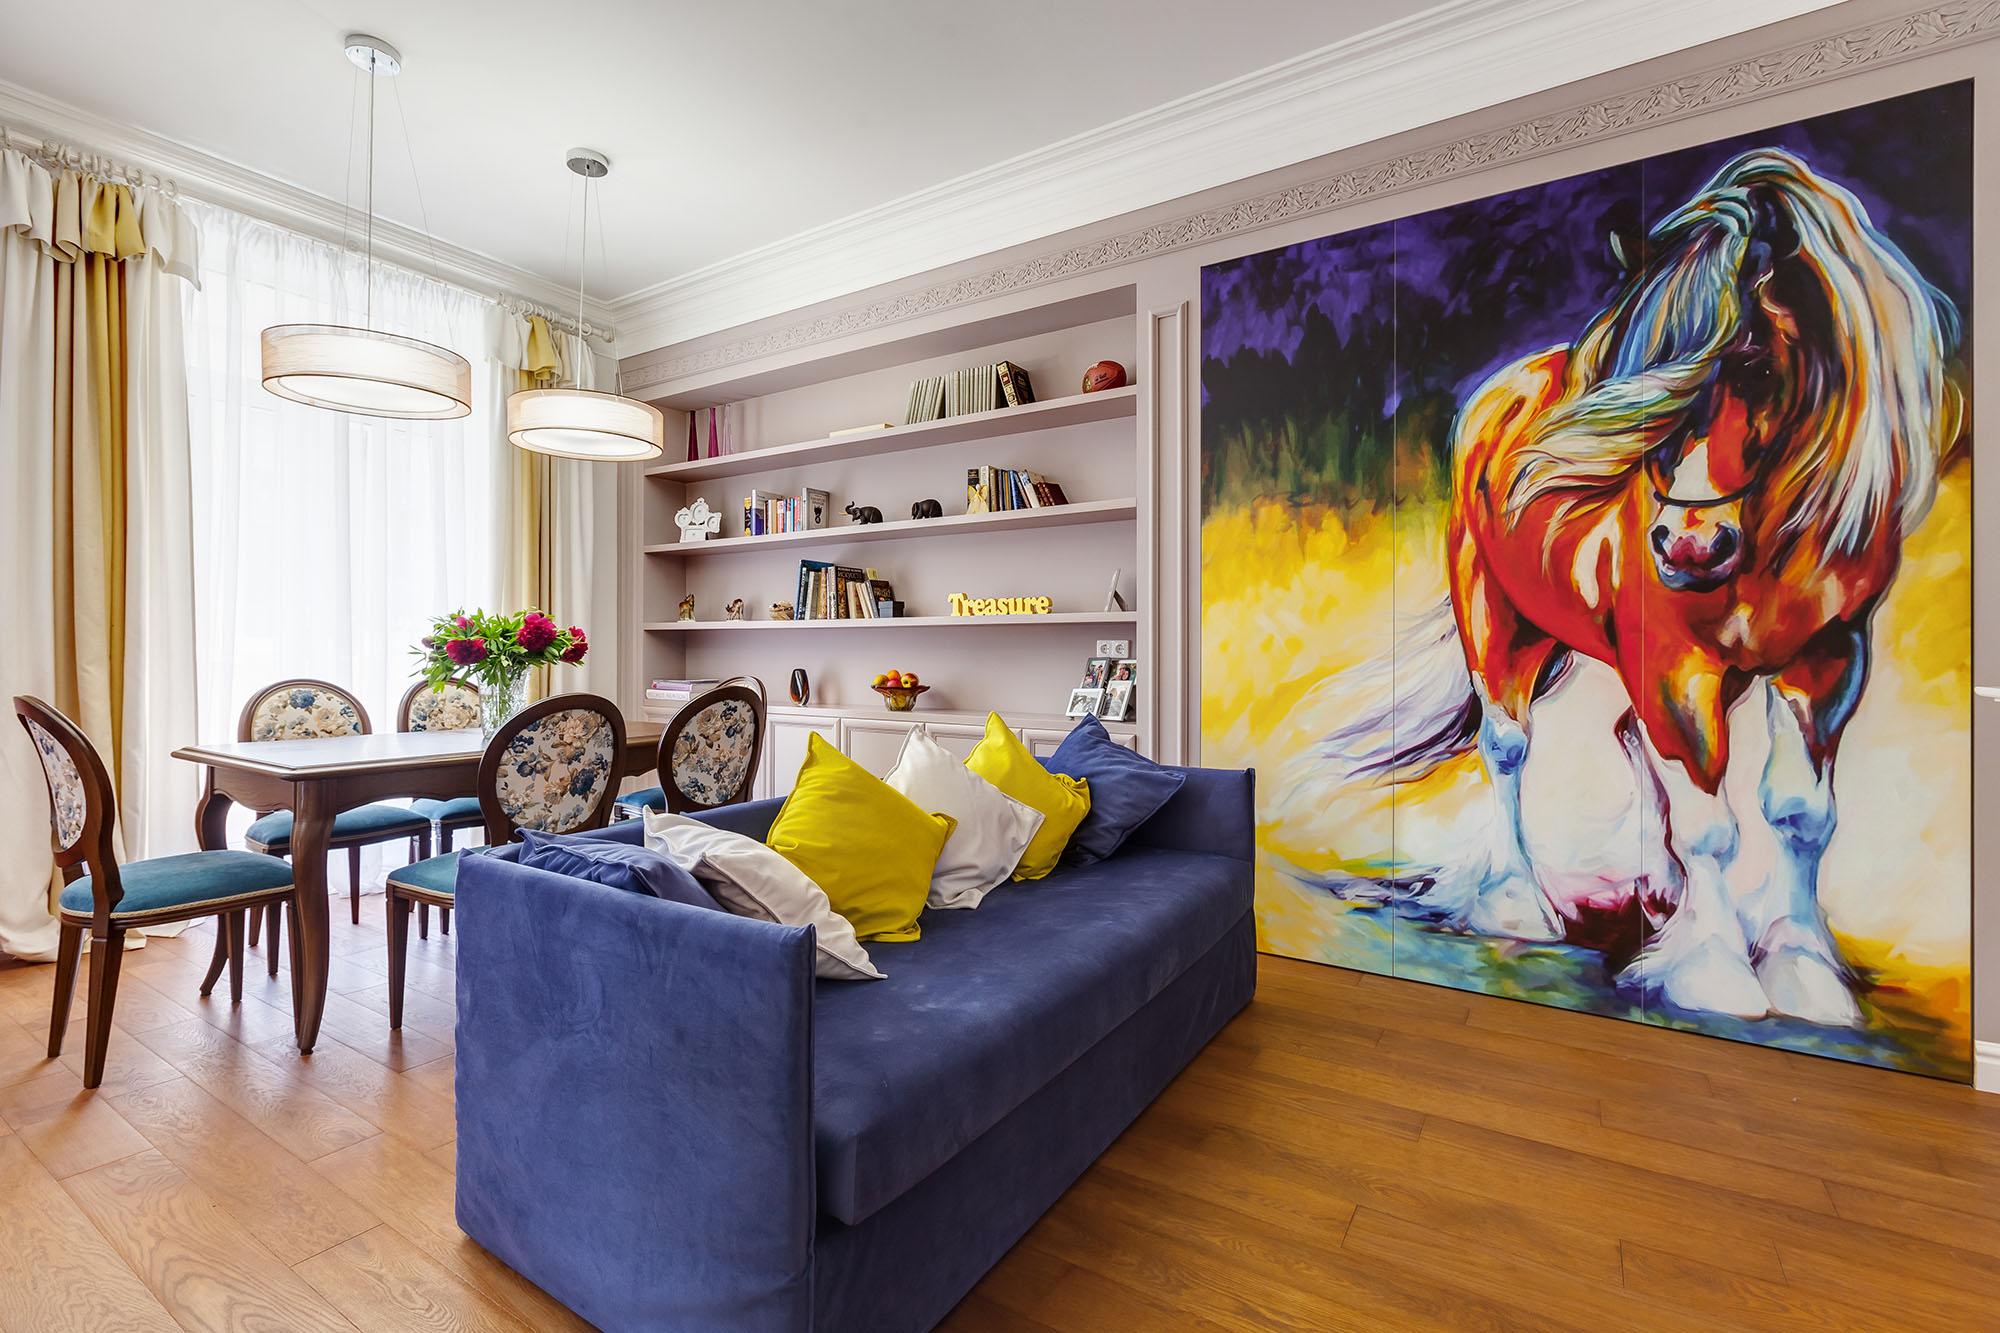 Большая картина с лошадью в интерьере гостино-столовой по фен-шуй